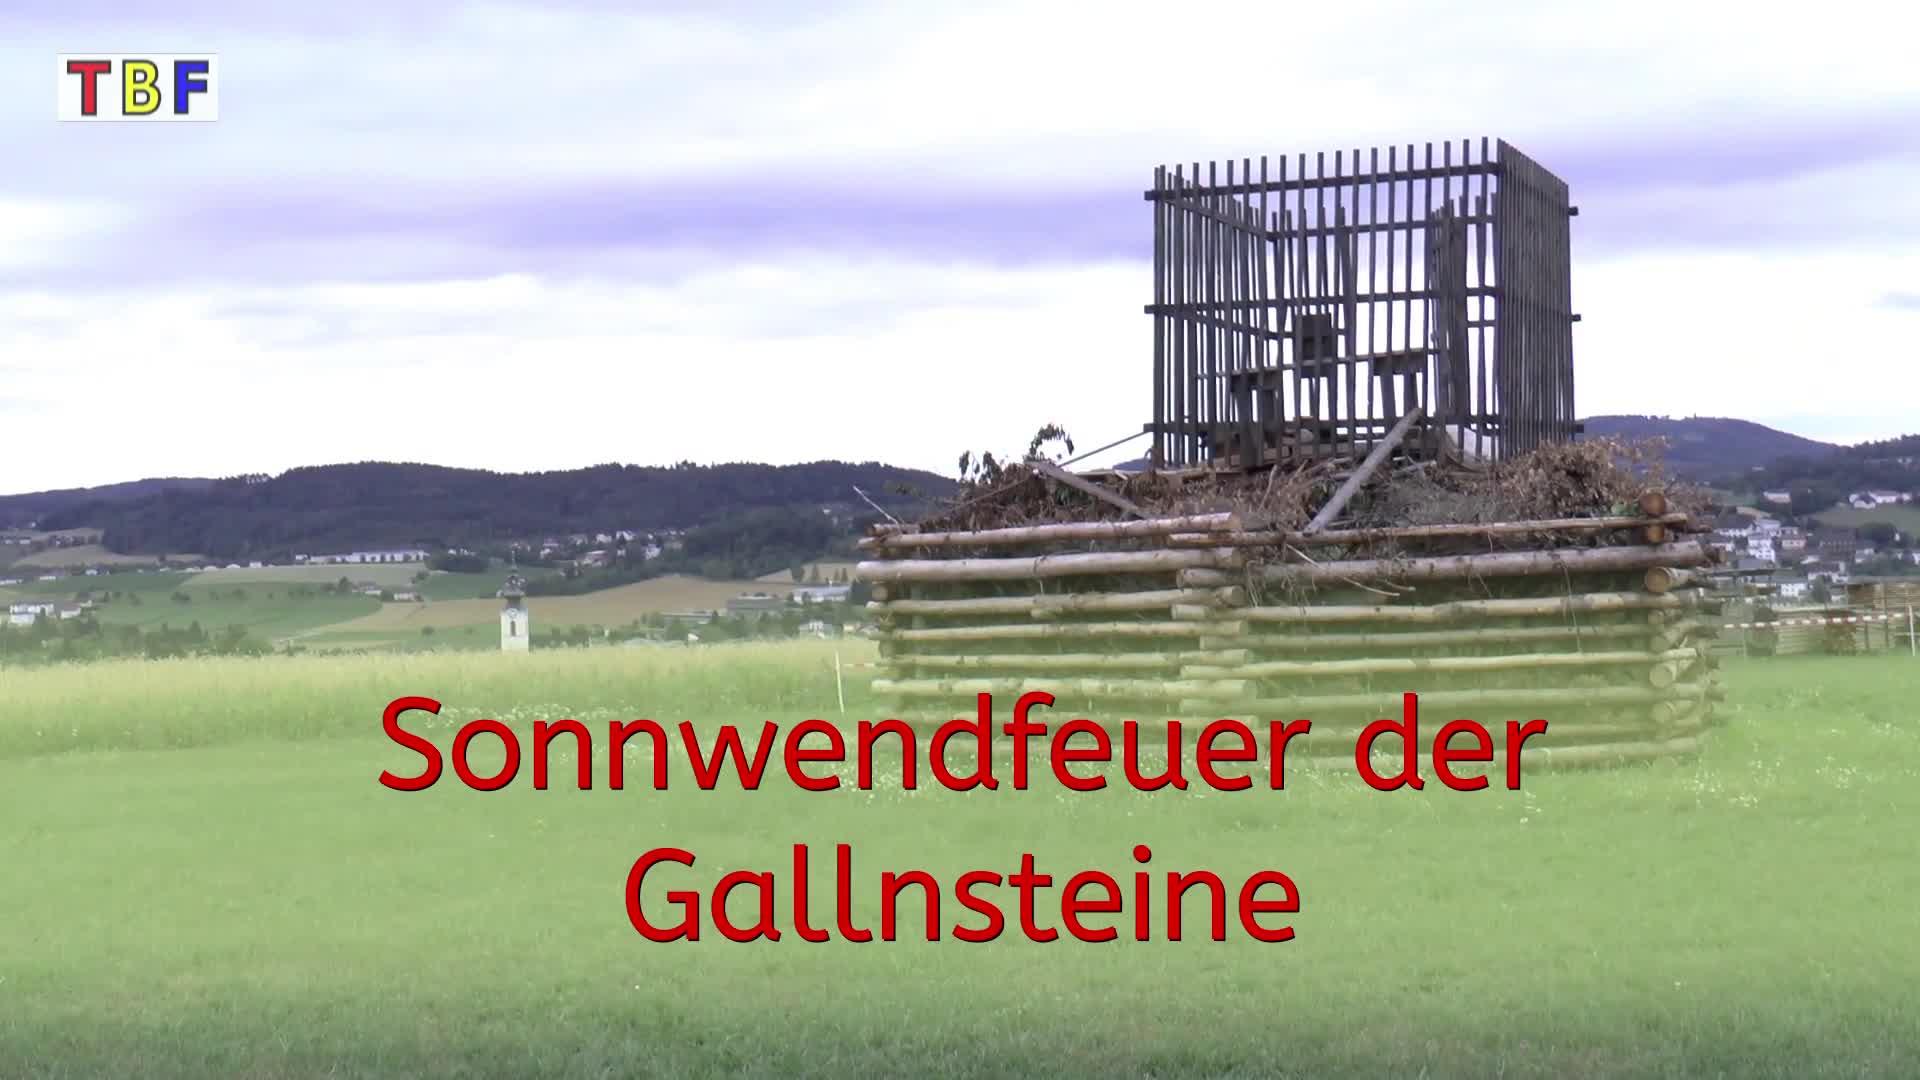 Sonnwendfeuer der Gallnsteine